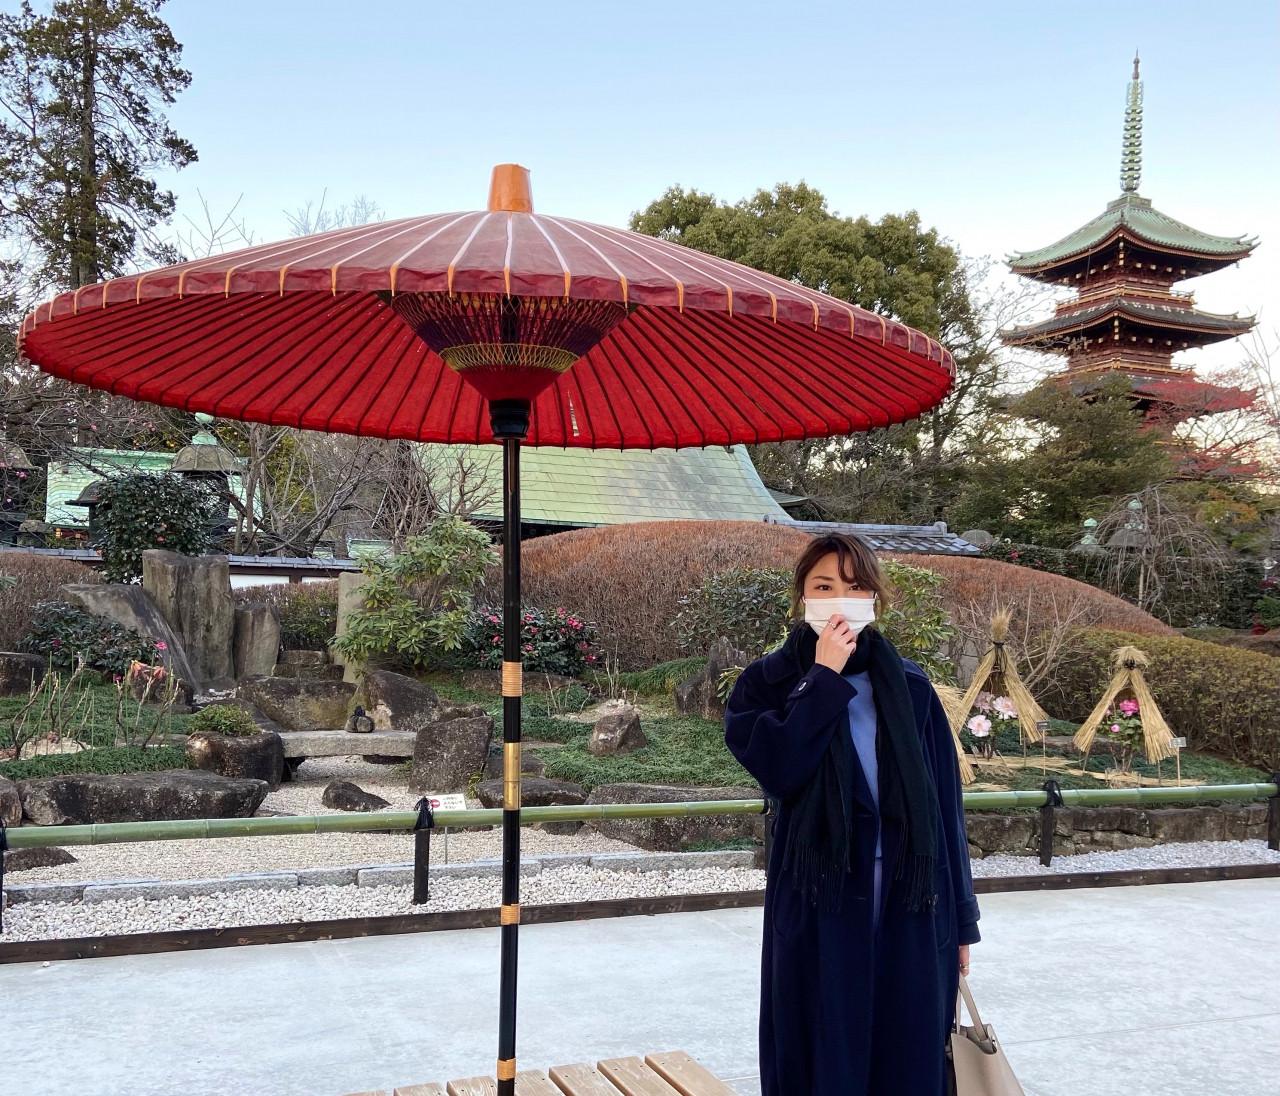 都内でプチ旅行気分♪江戸の風情溢れる上野東照宮で初詣!